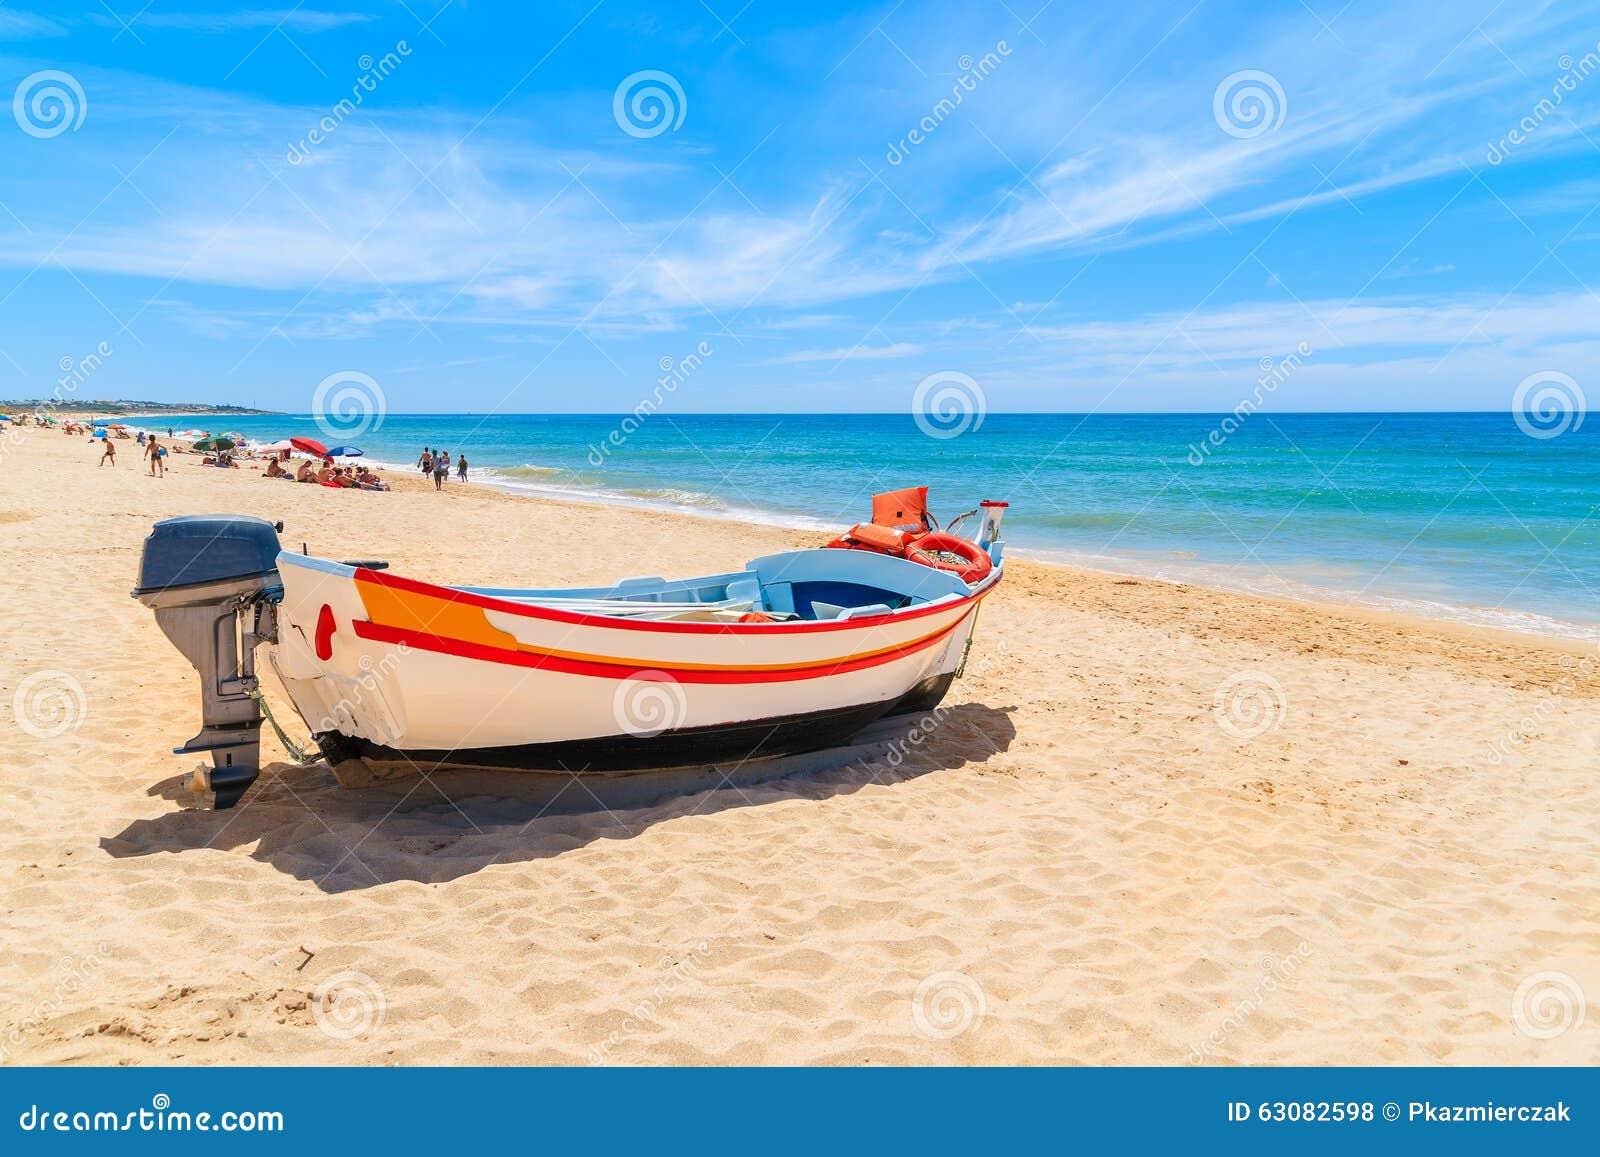 Download Bateau De Pêche Sur La Plage Sablonneuse Photo stock - Image du portugais, paradis: 63082598